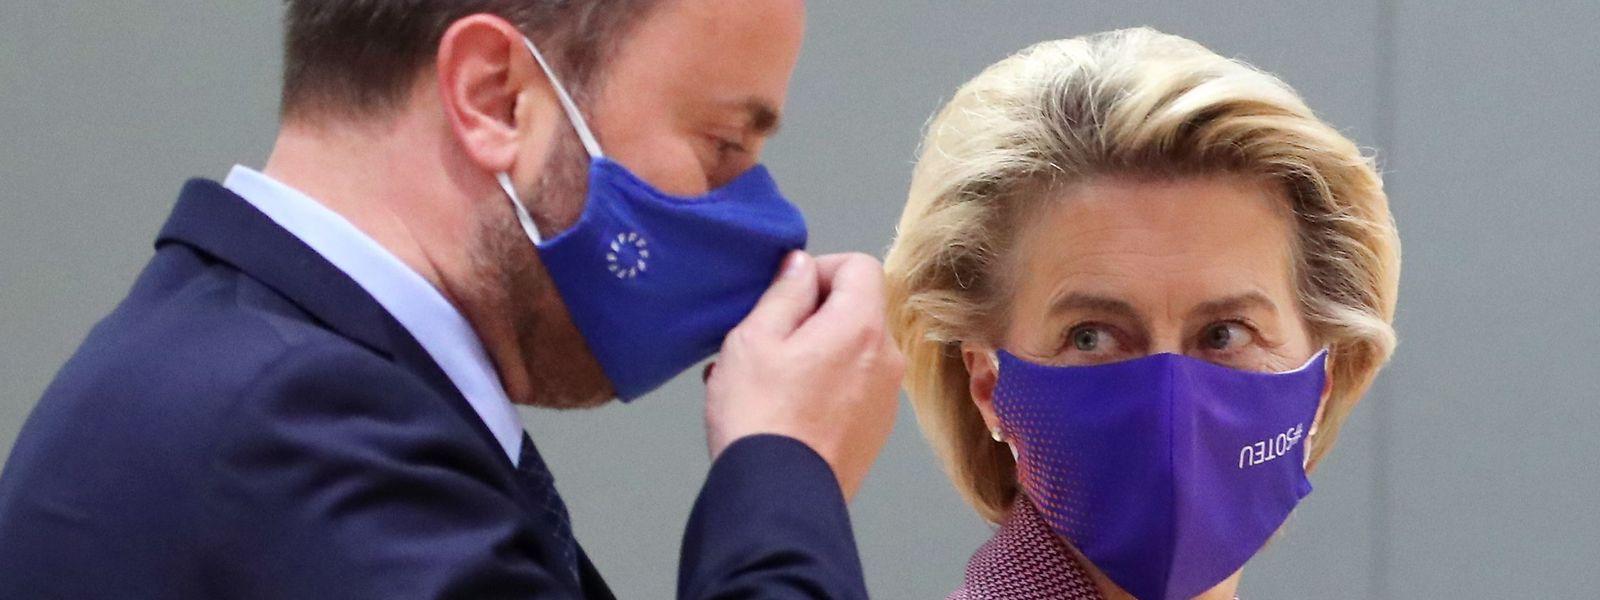 Premierminister Xavier Bettel mit Kommissionspräsidentin Ursula von der Leyen beim EU-Gipfel am Donnerstag.